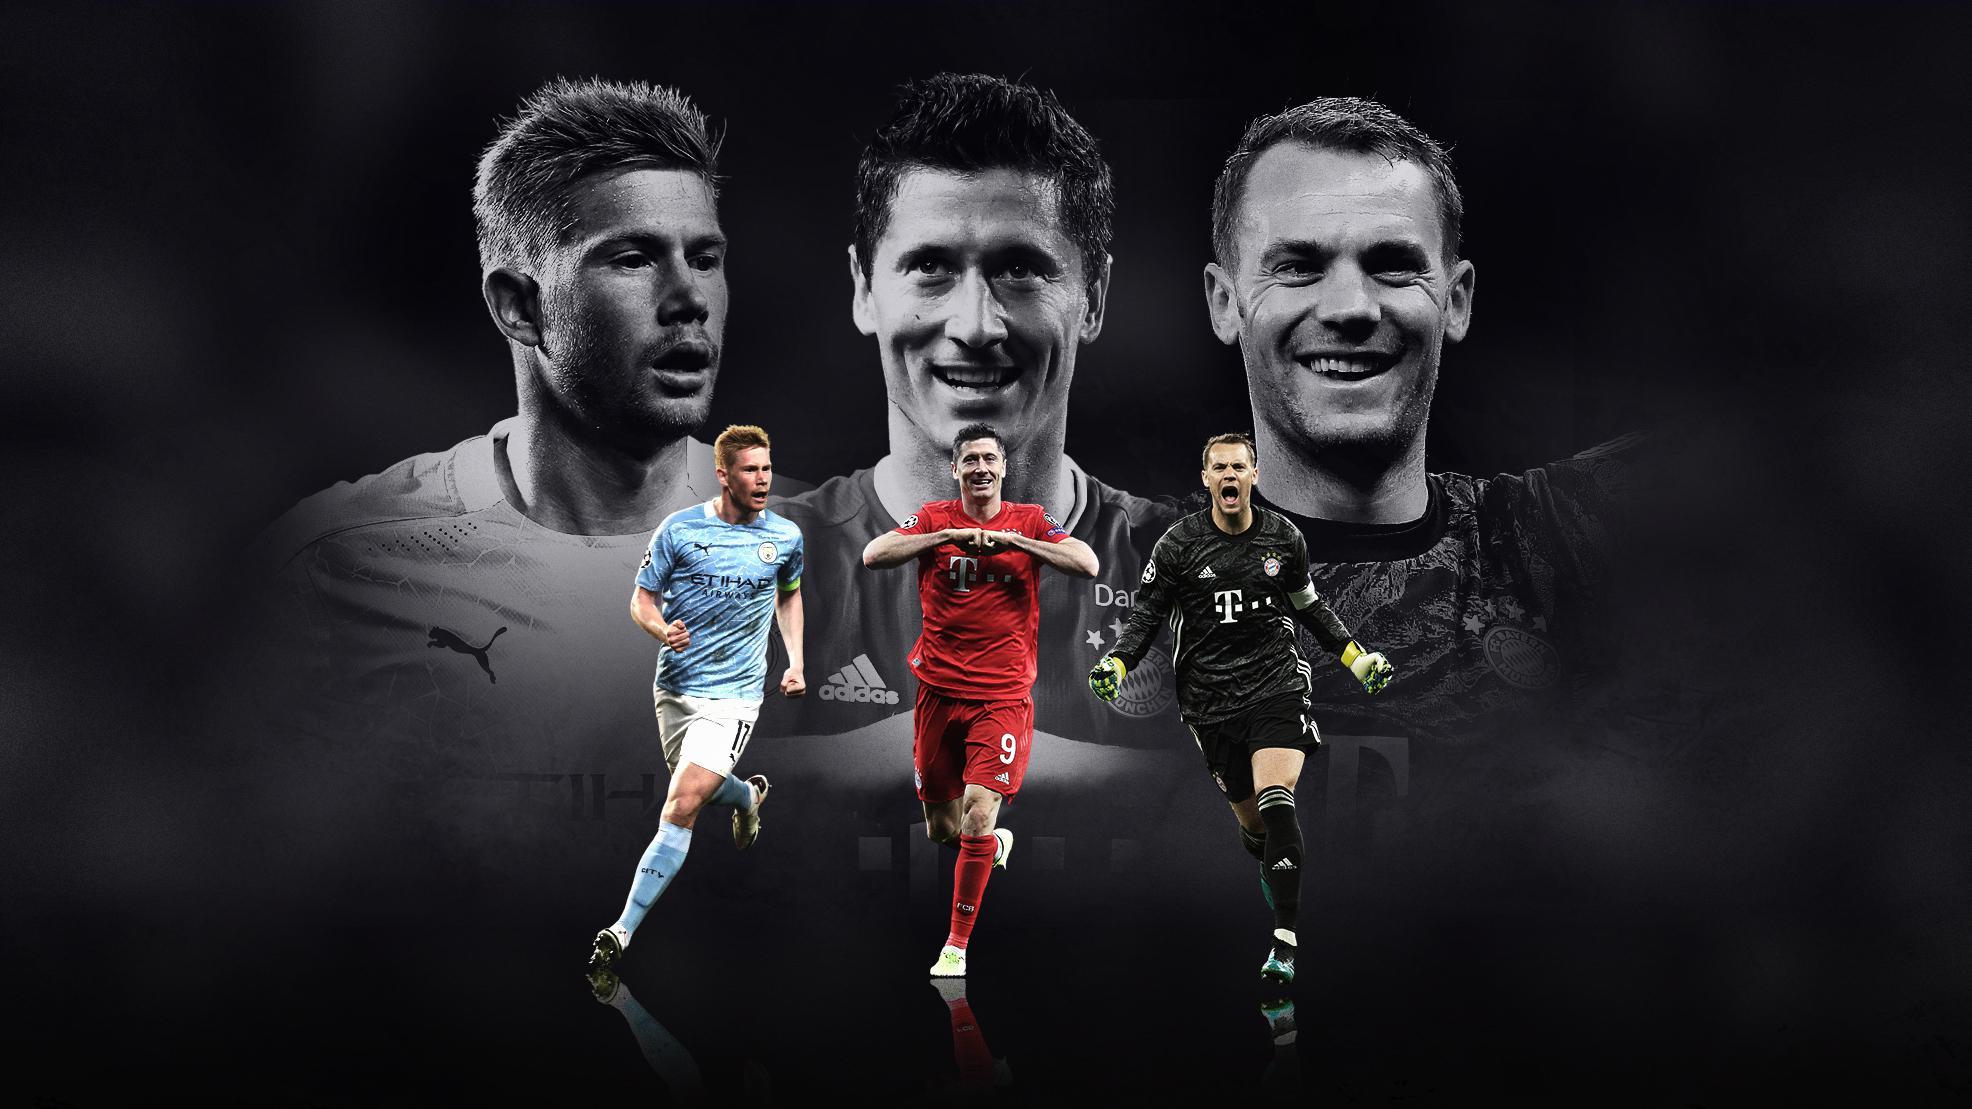 Joueur de l'année UEFA, ça se décidera entre De Bruyne, Lewandowski et Neuer